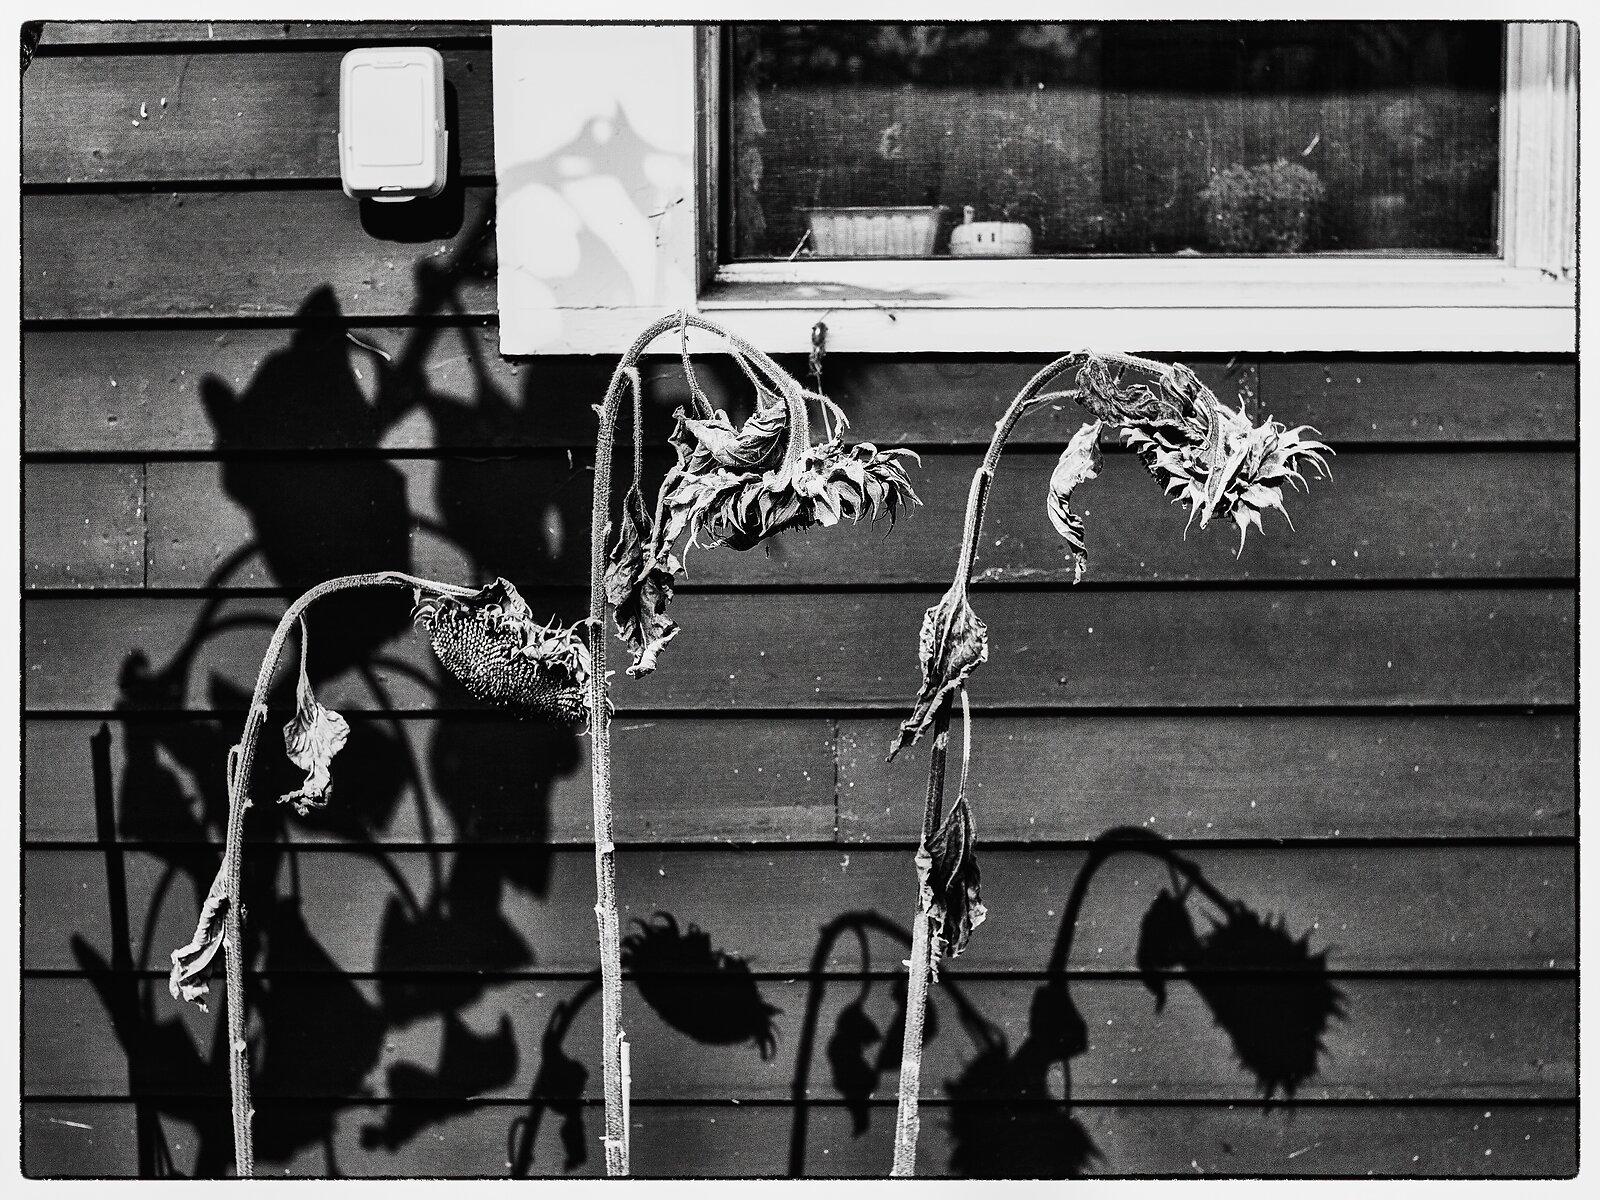 EP3_Oct9_dead_sunflowers+shadows.jpg